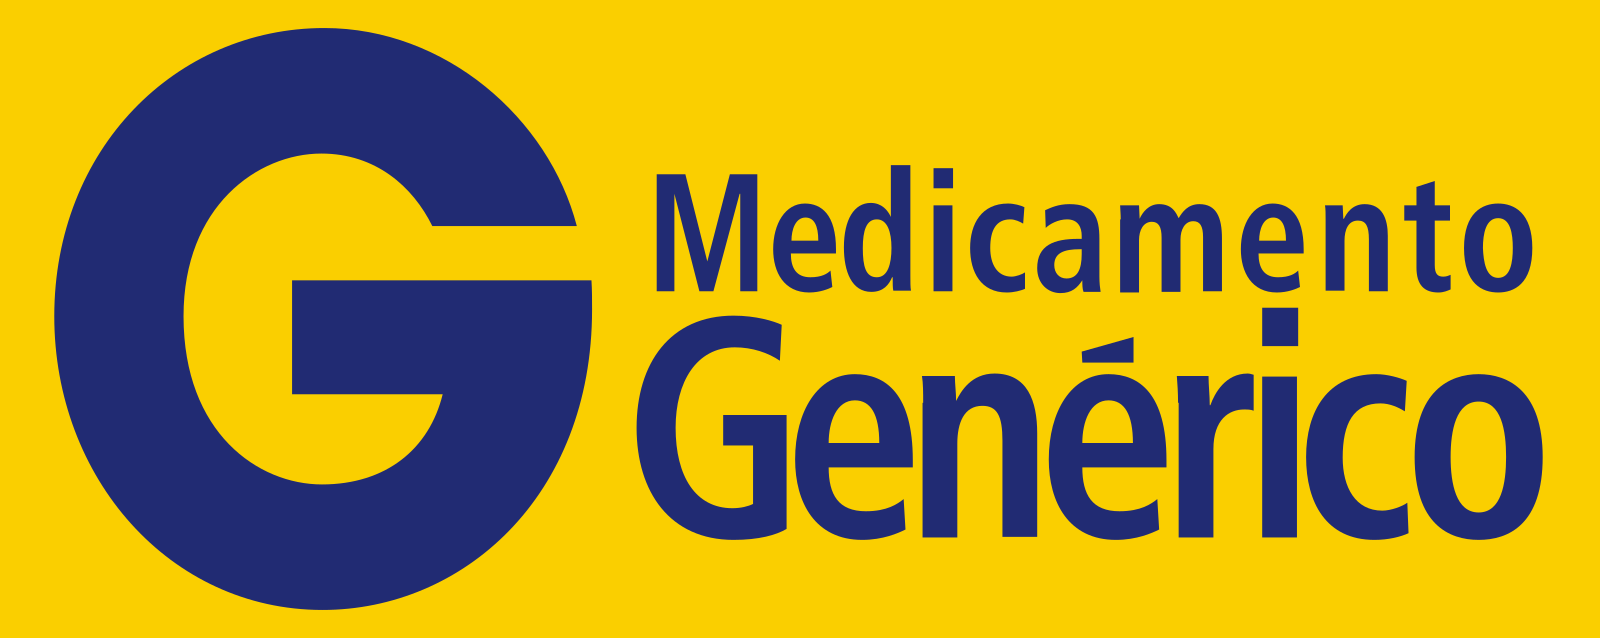 medicamento generico logo 6 - Genérico Logo - Medicamento Genérico Logo